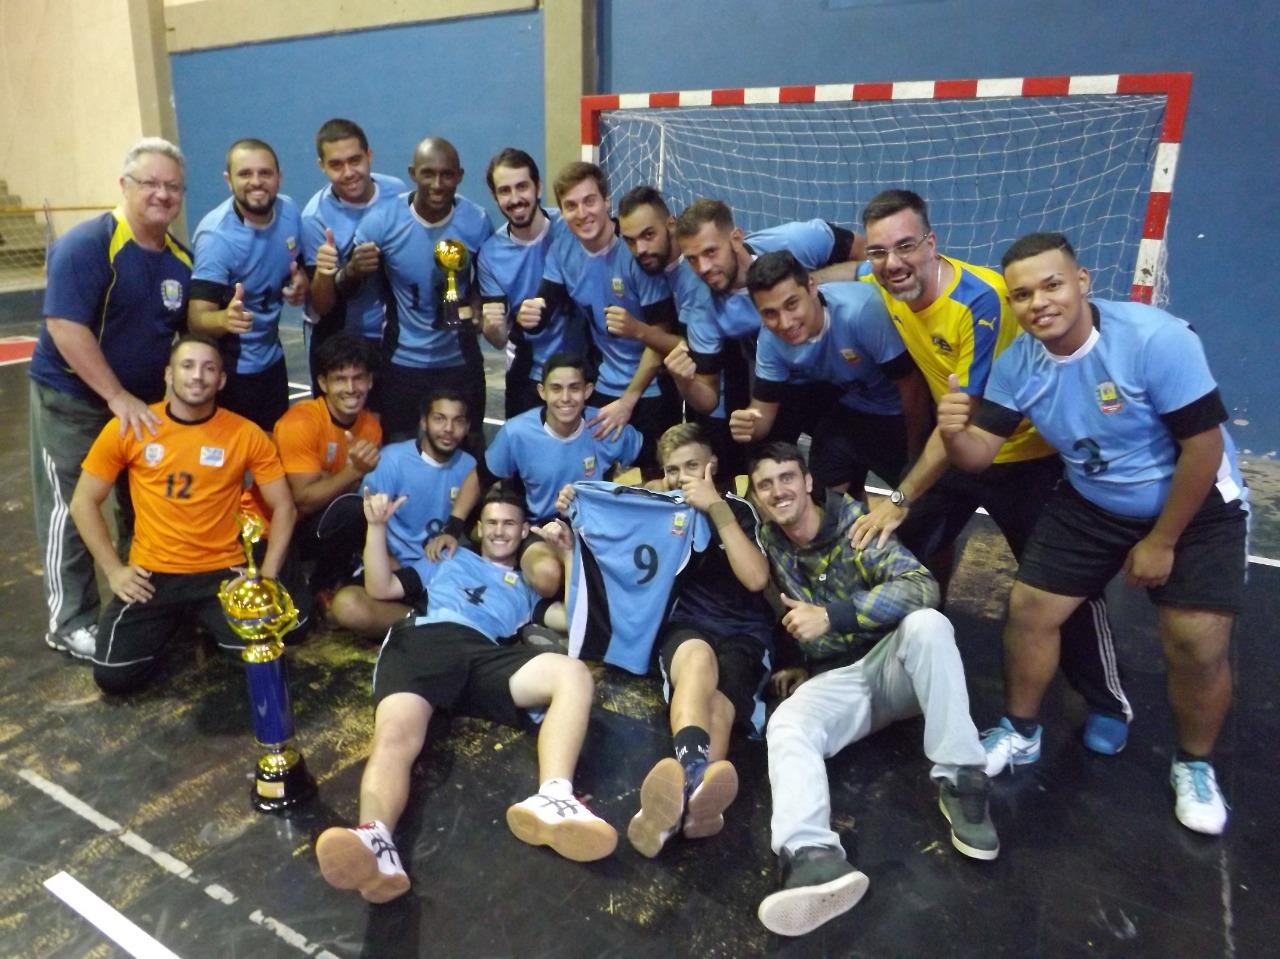 comemoração da equipe de Bragança Paulista Handebol comemorando a conquista edit